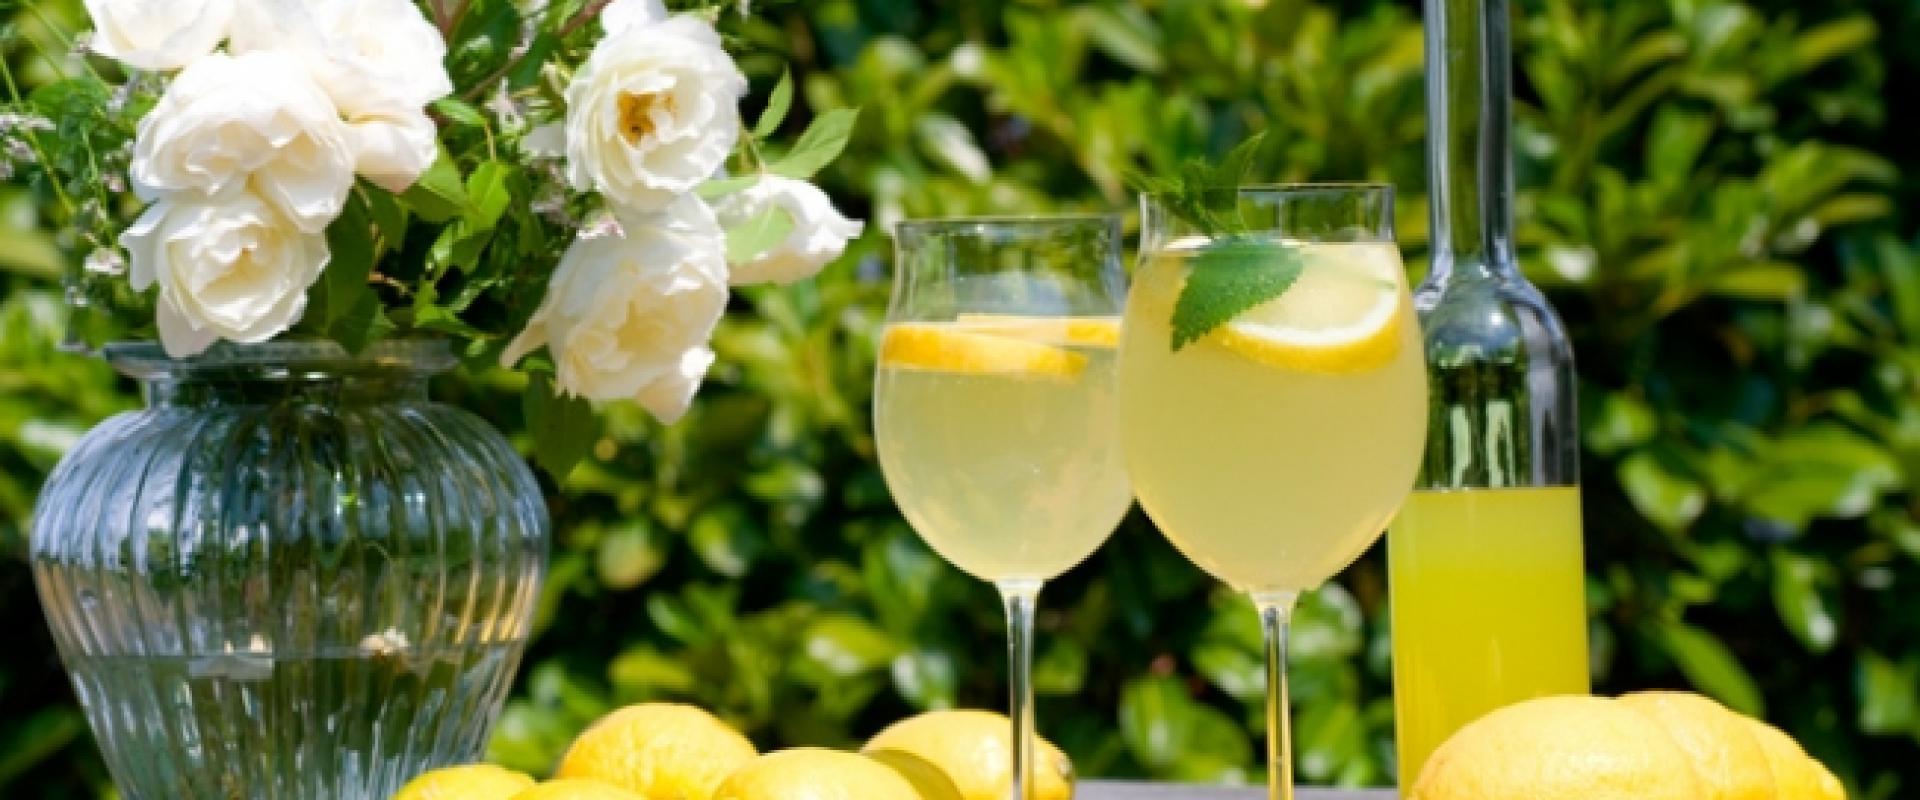 Рецепт лимончино с перемолотыми лимонами